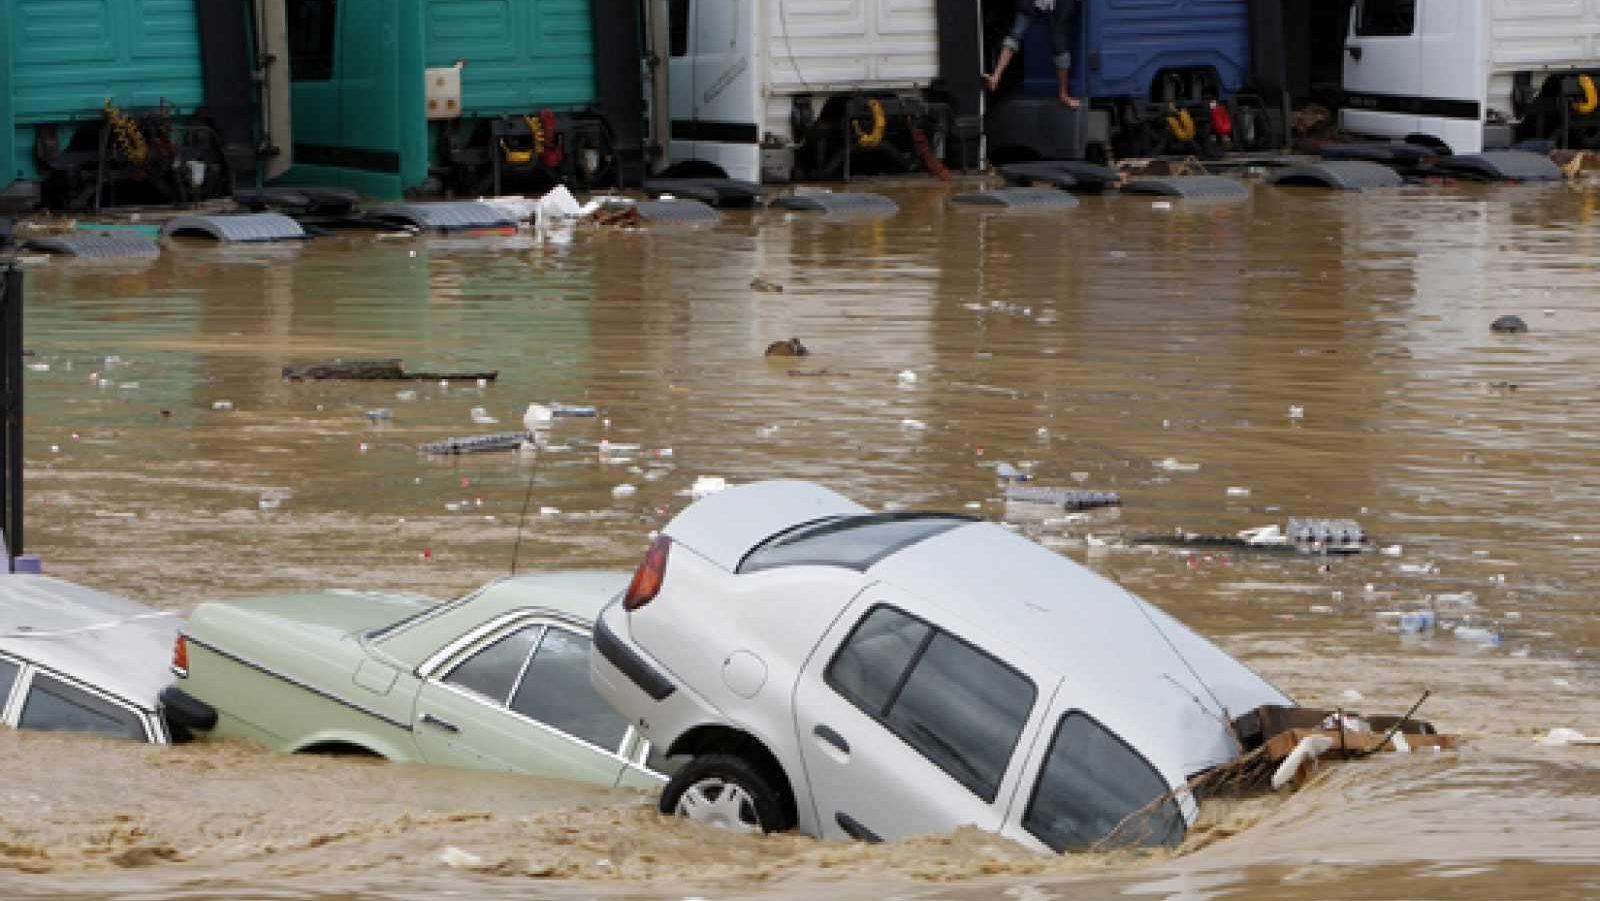 Cinco muertos por deslizamiento de tierra en el noroeste de Turquía